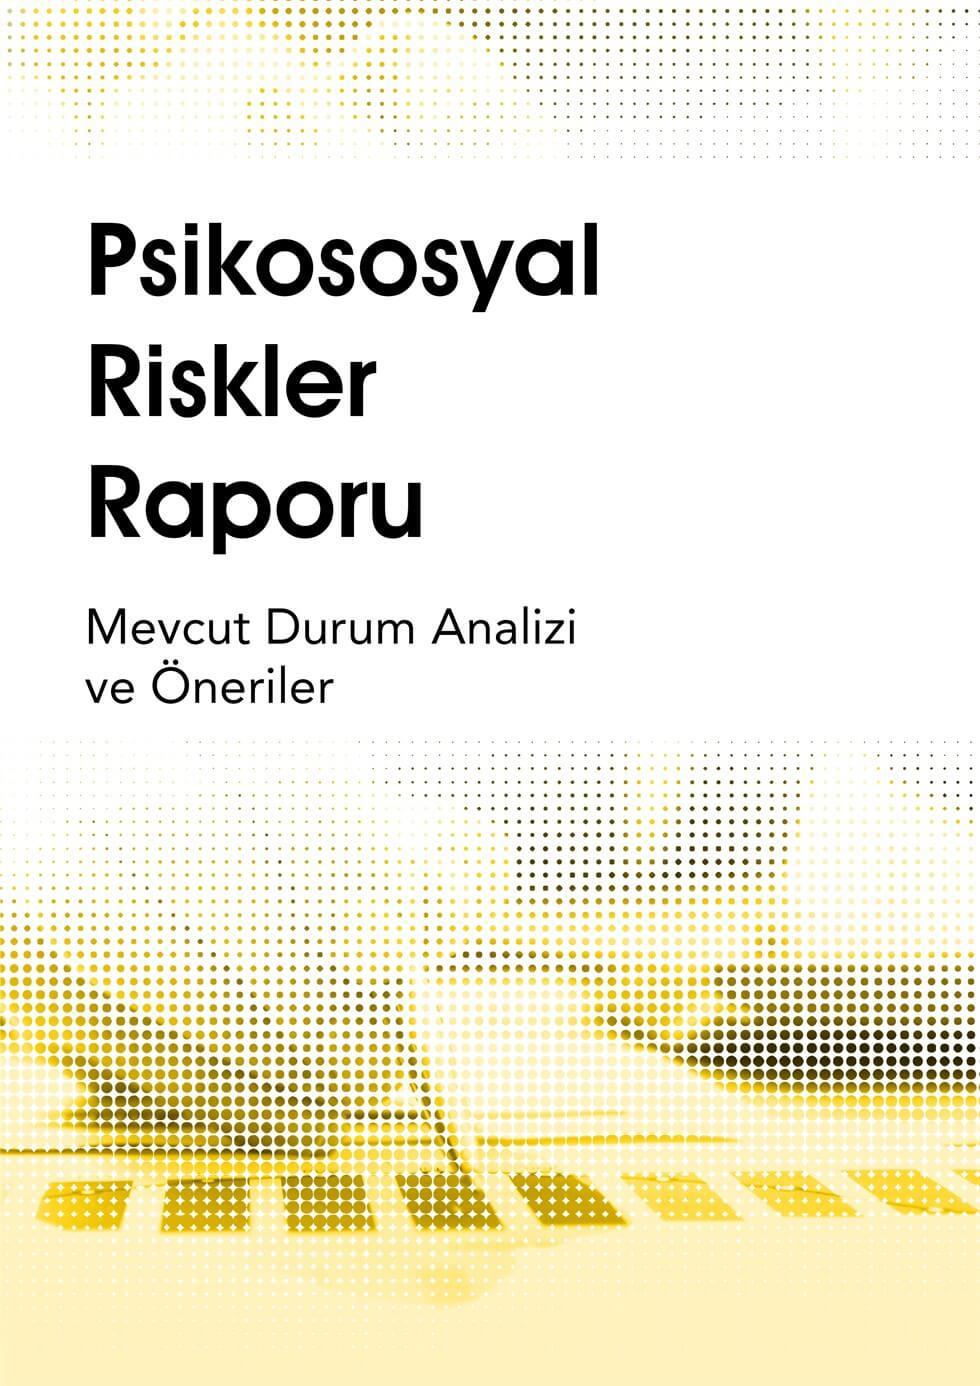 Psikososyal Riskler Raporu - Mevcut Durum Analizi ve Öneriler